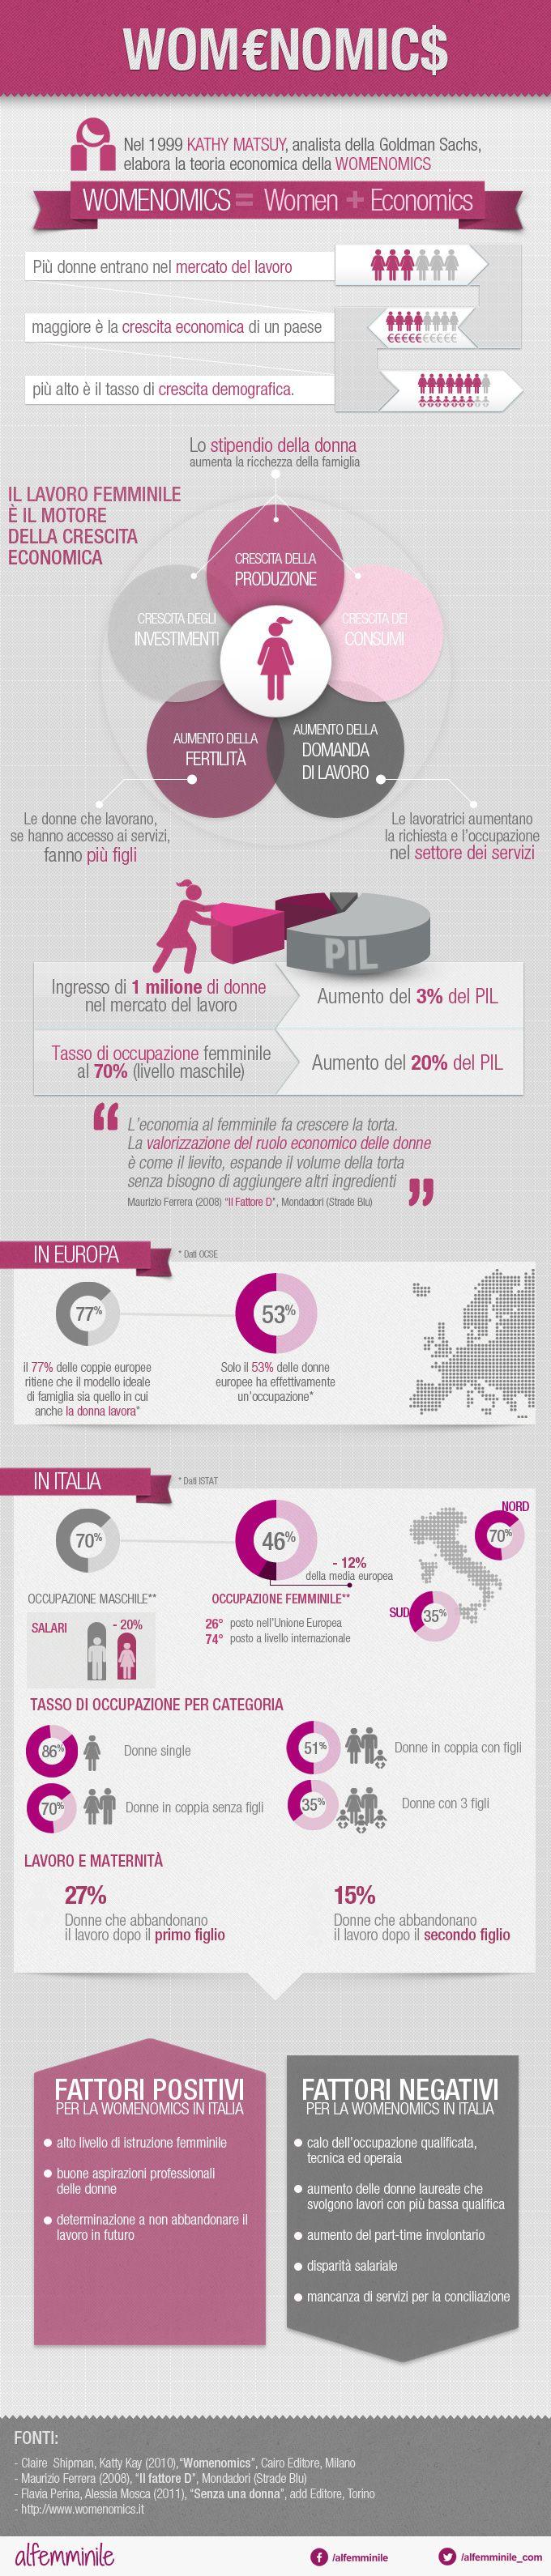 Infografica Womenomics. Lavoro femminile e crescita economica